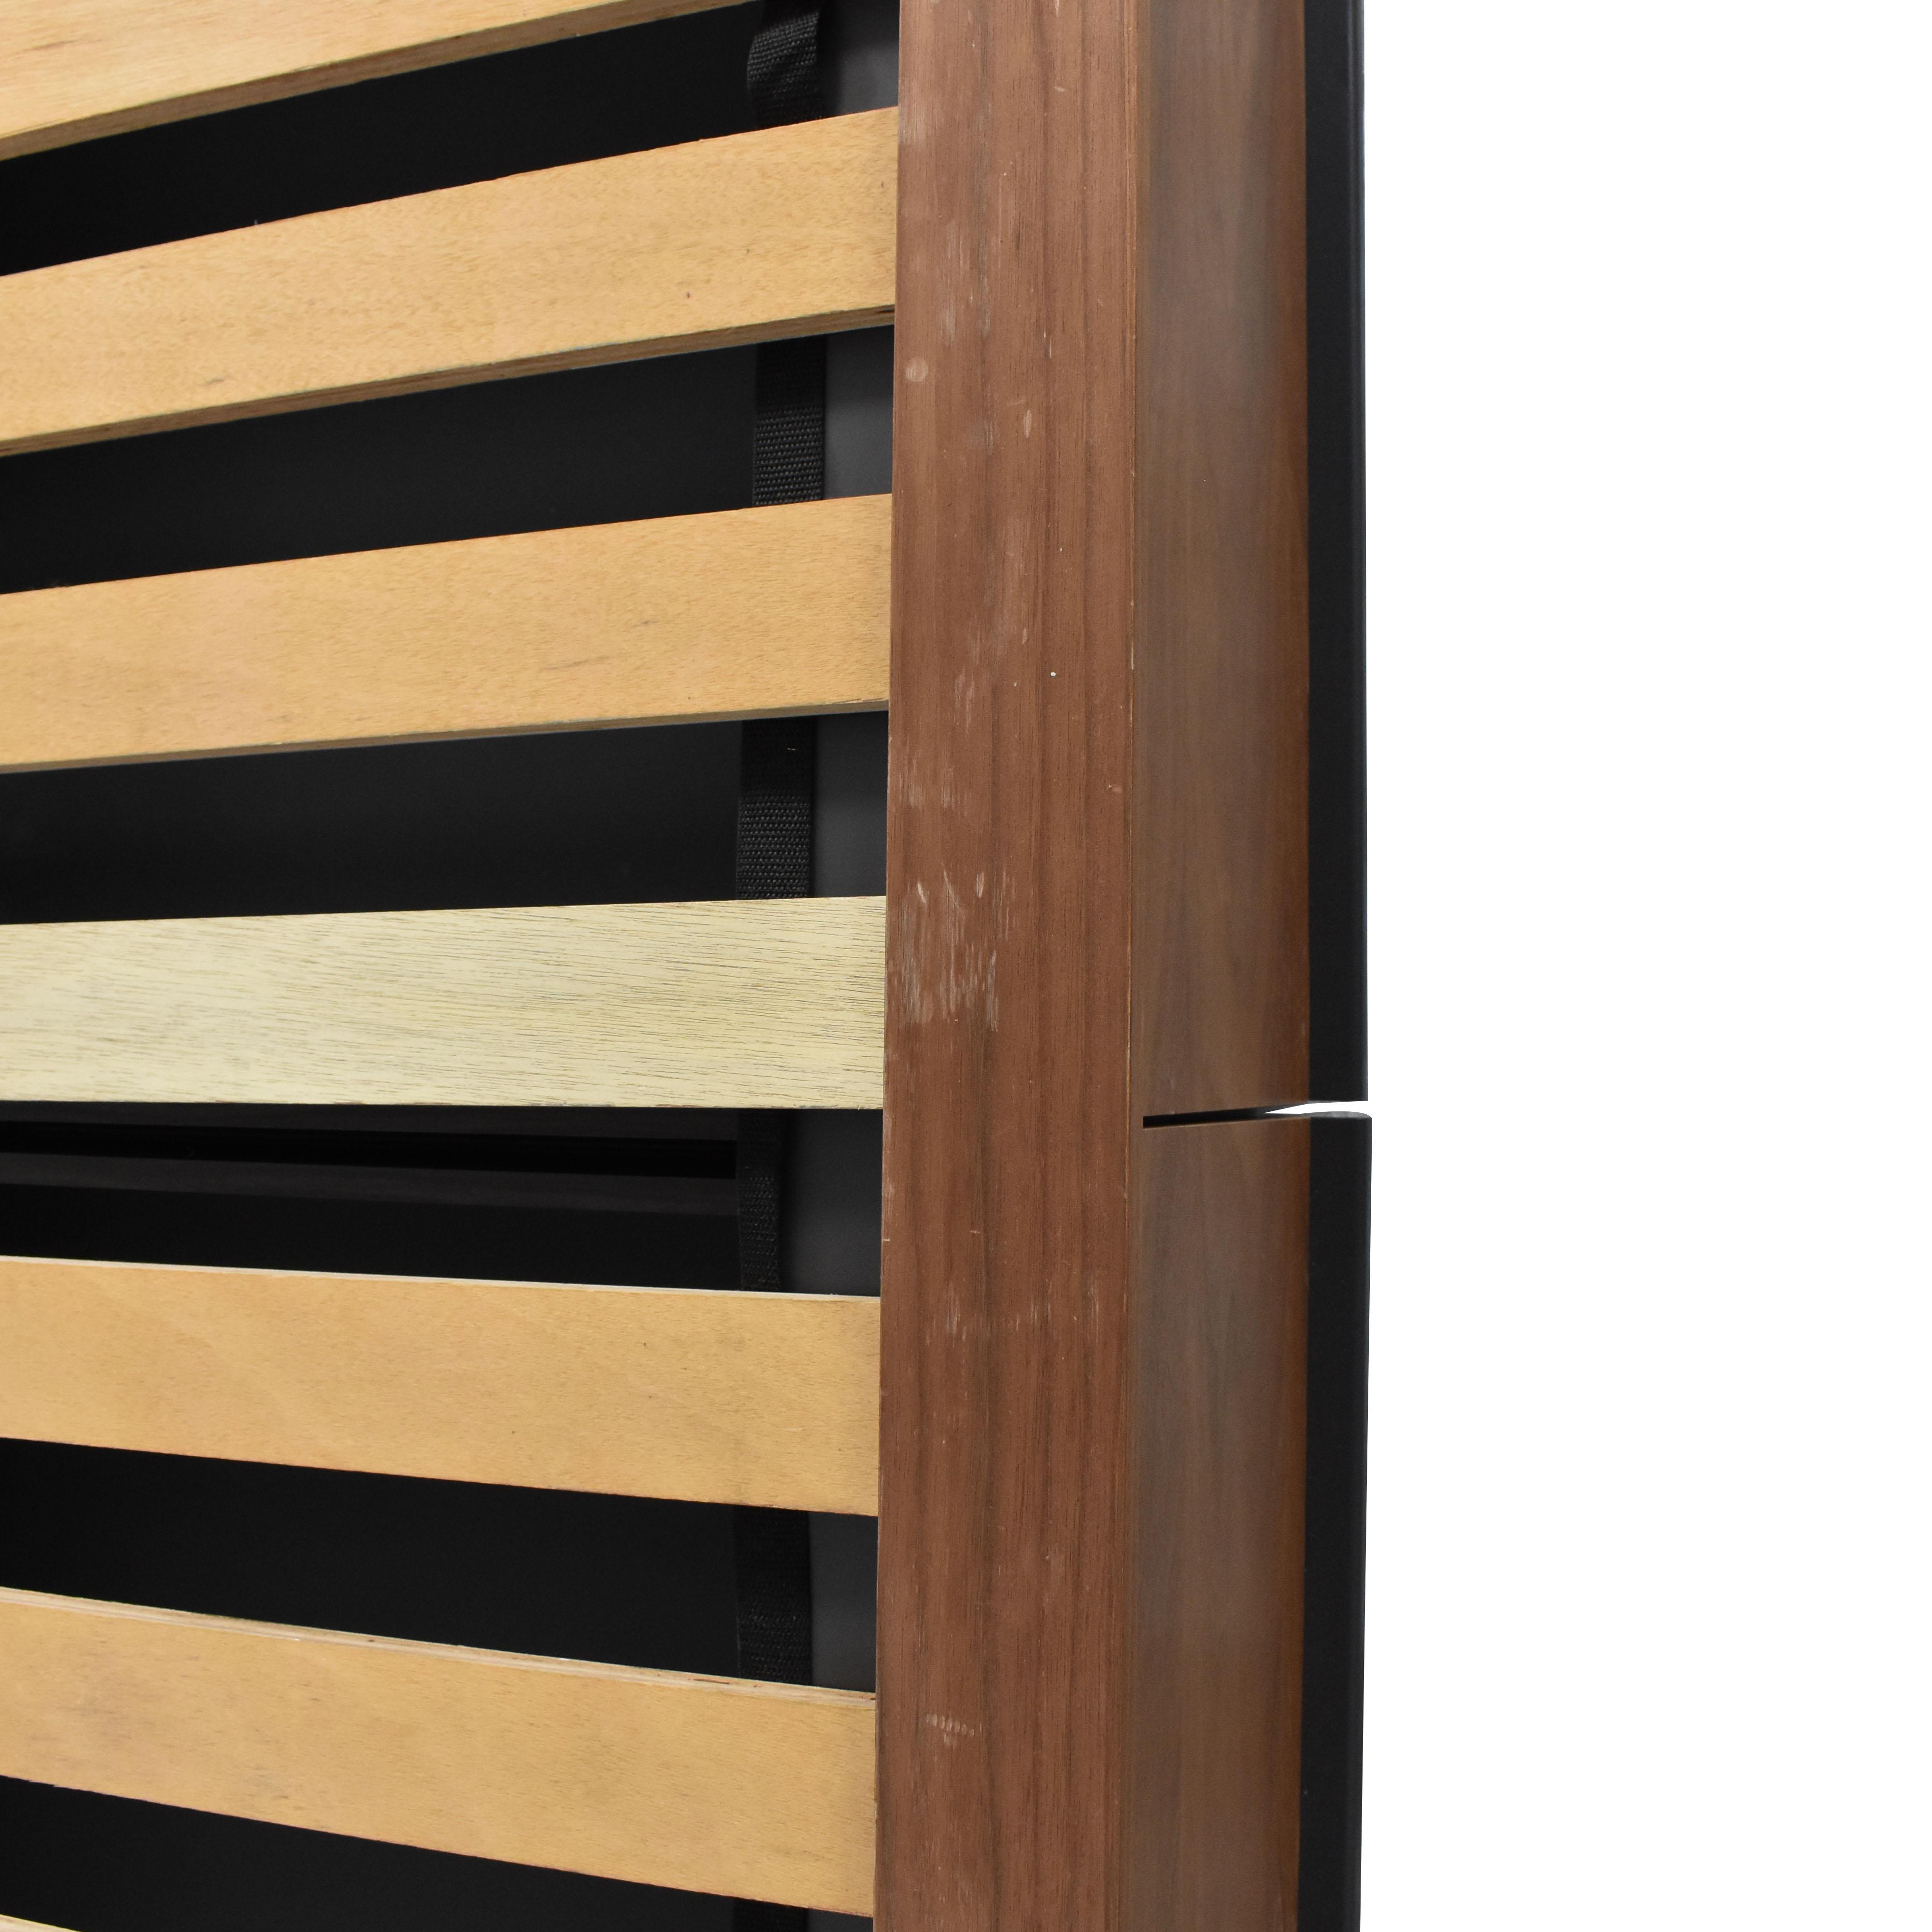 Crate & Barrel Crate & Barrel Queen Storage Bed dimensions